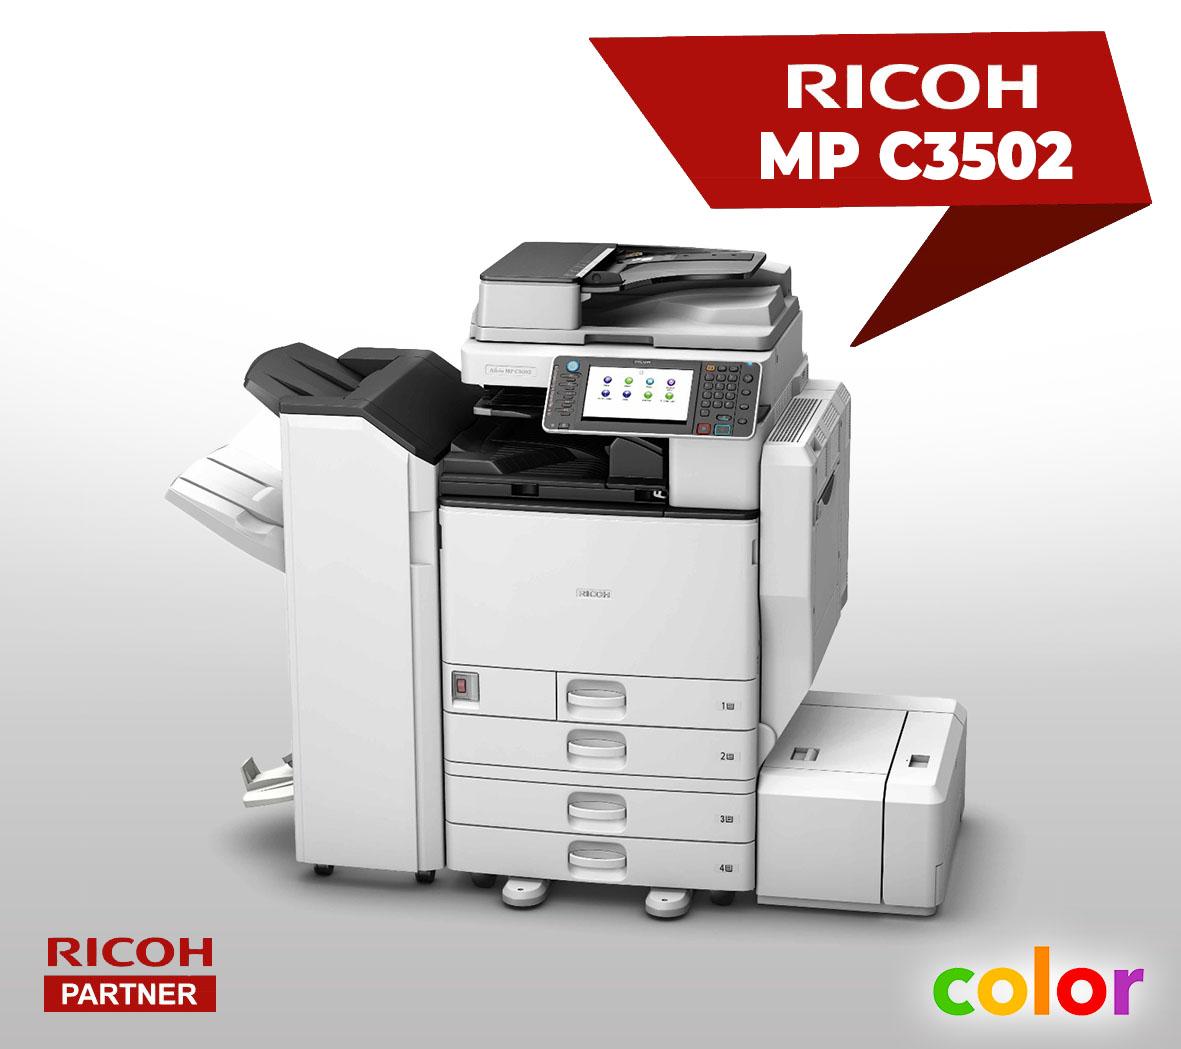 mp c3502